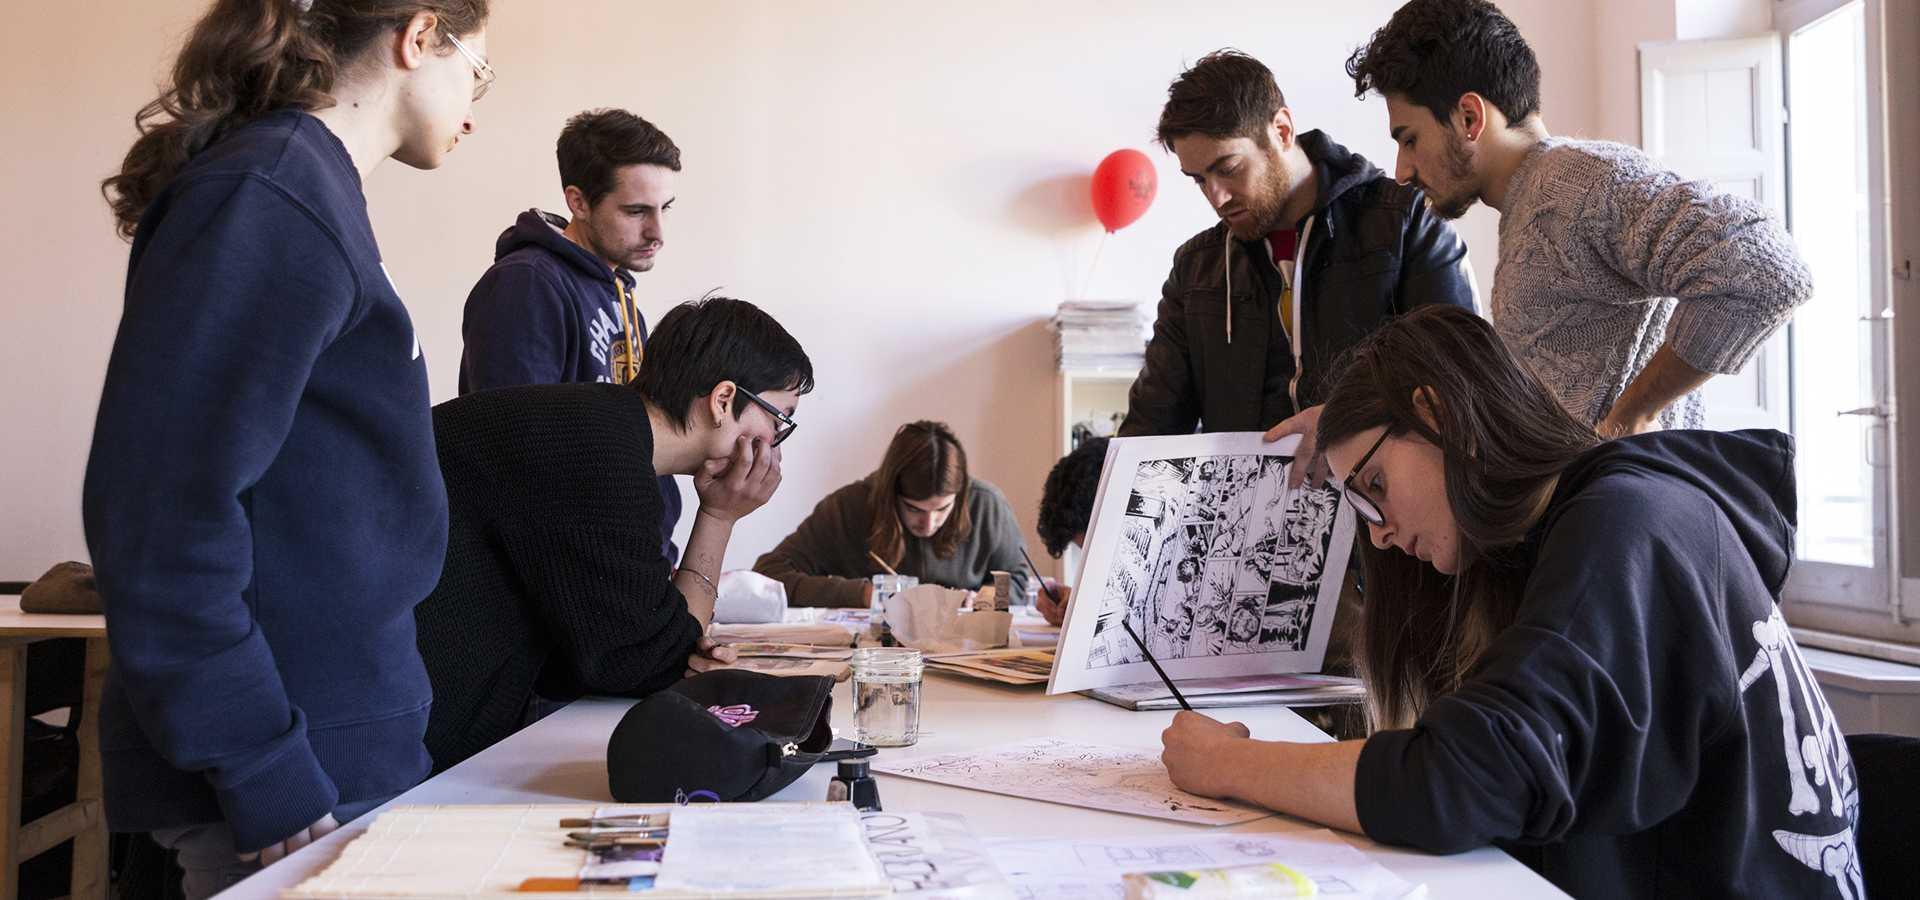 ACCA – Accademia di Comics, Creatività e Arti visive